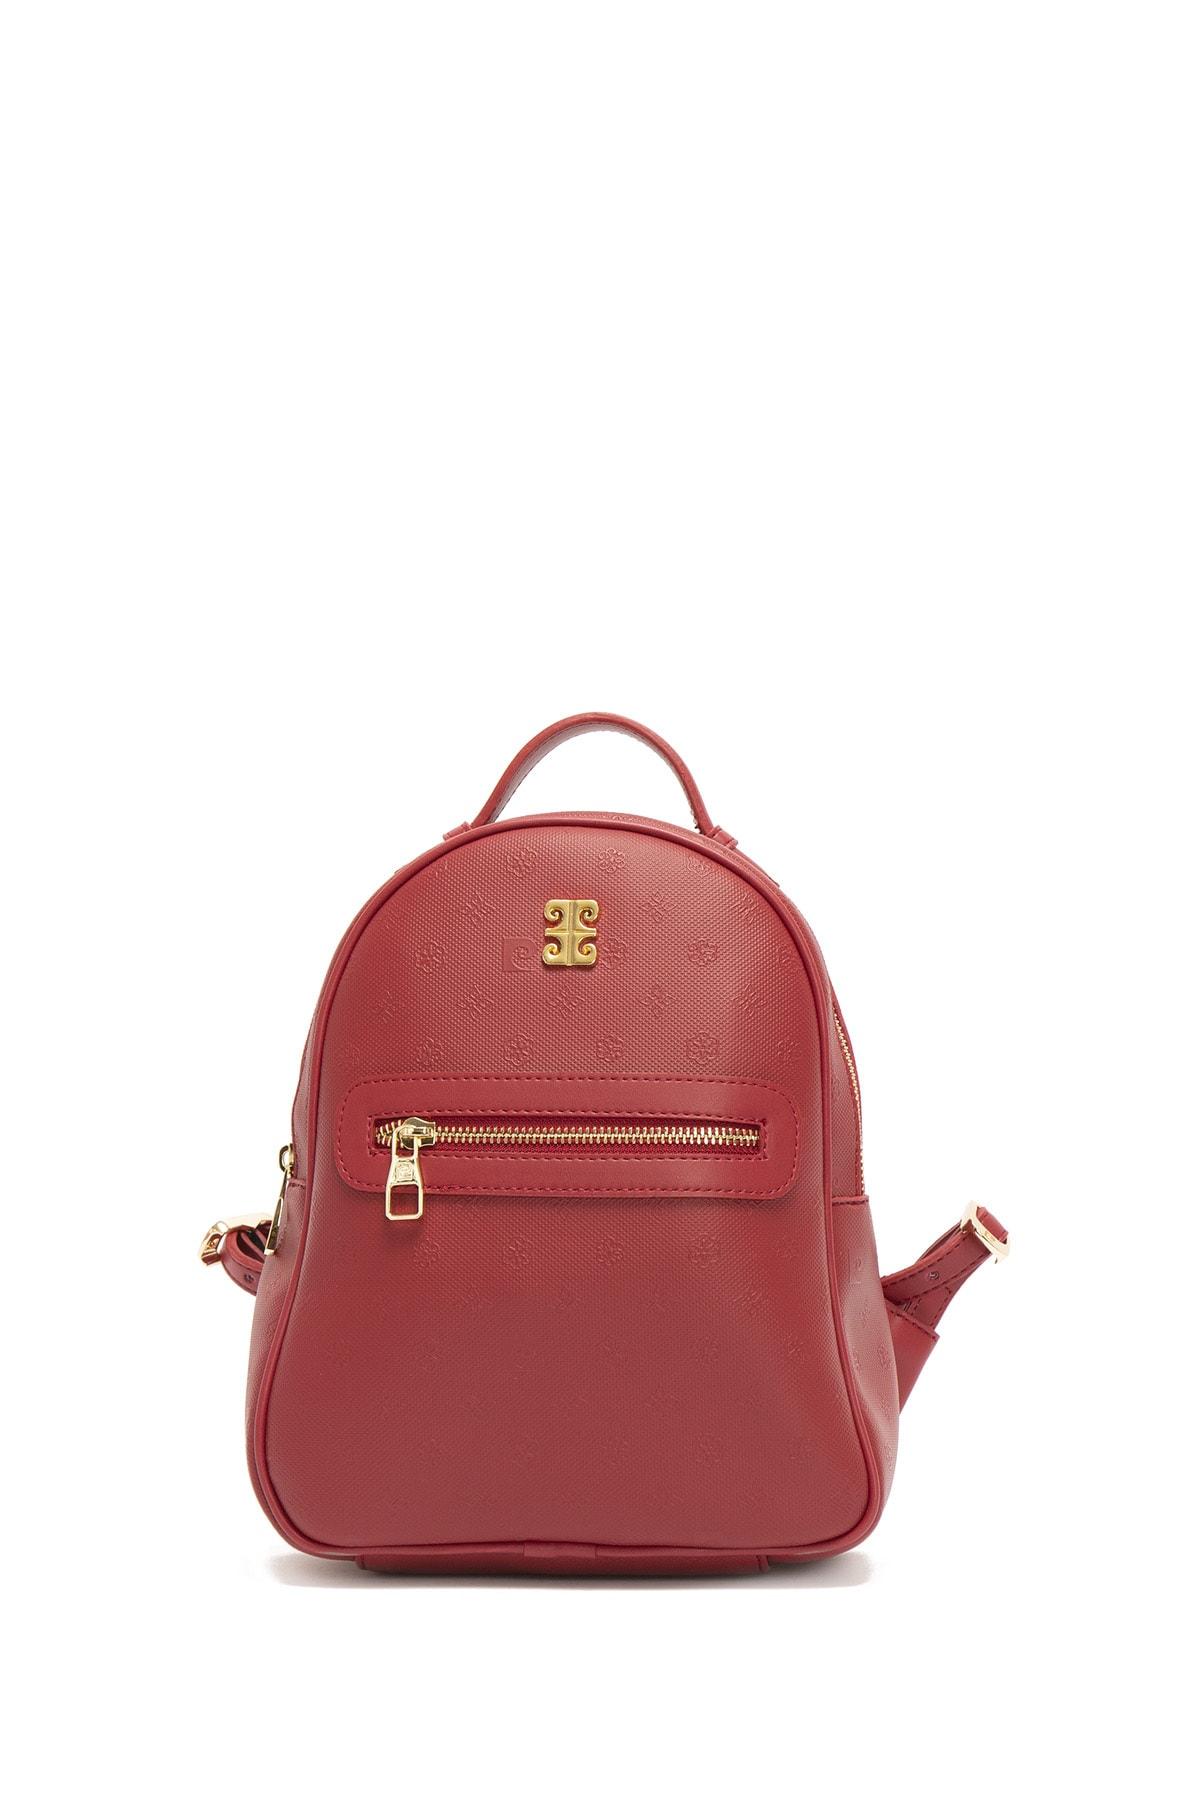 سفارش نقدی کوله پشتی زنانه برند پیرکاردن رنگ قرمز ty94420540